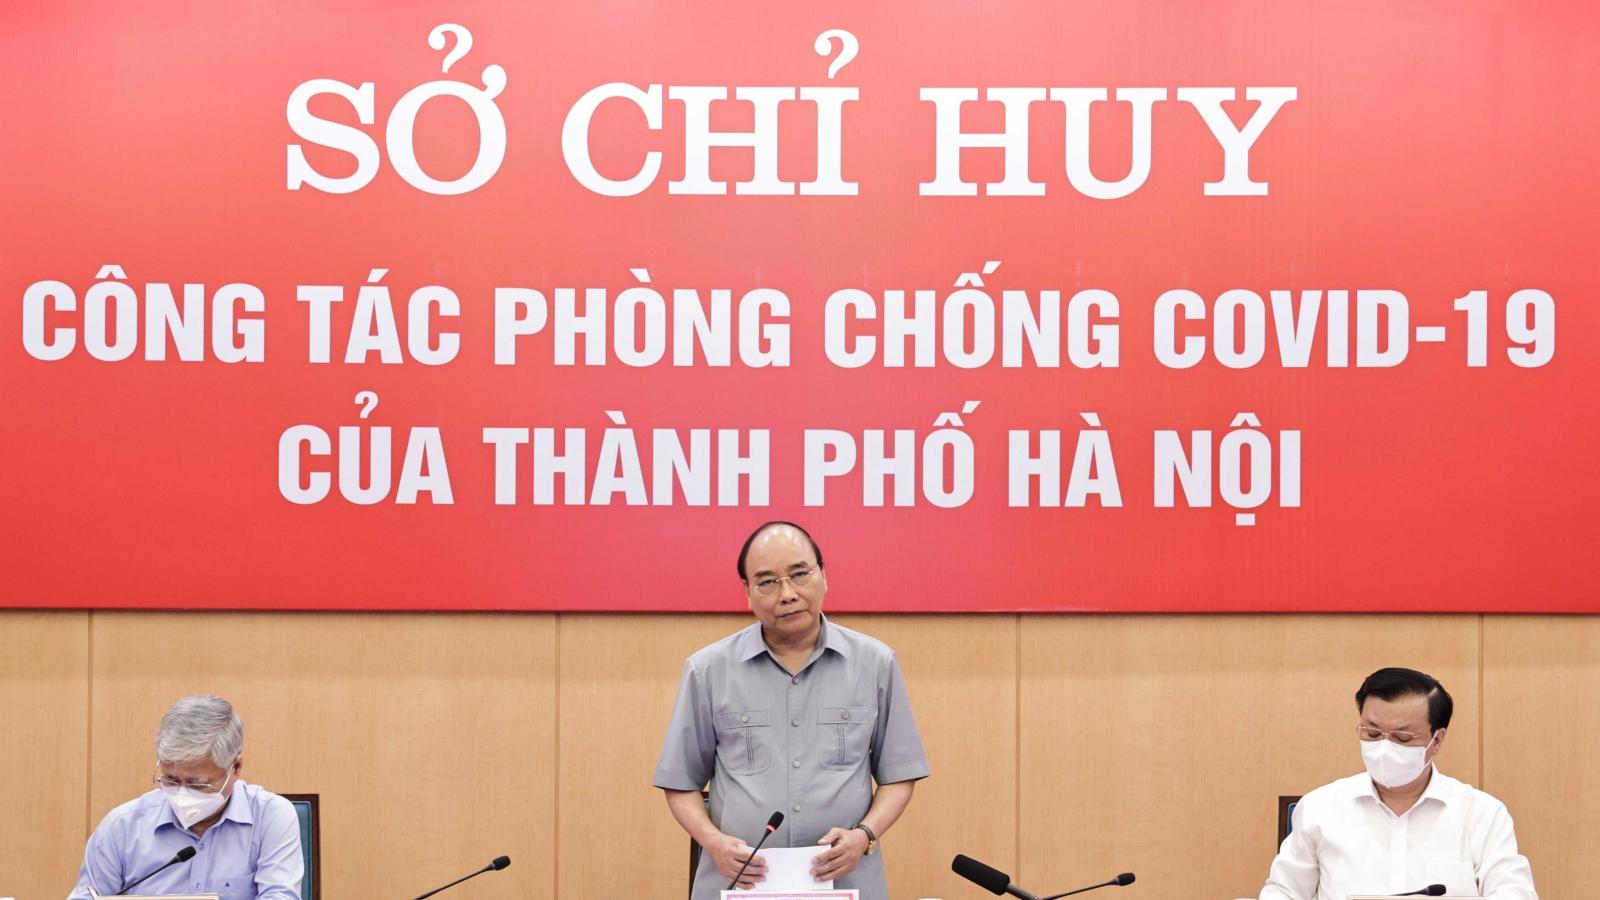 Chủ tịch nước: Hà Nội quyết định giãn cách xã hội rất kịp thời